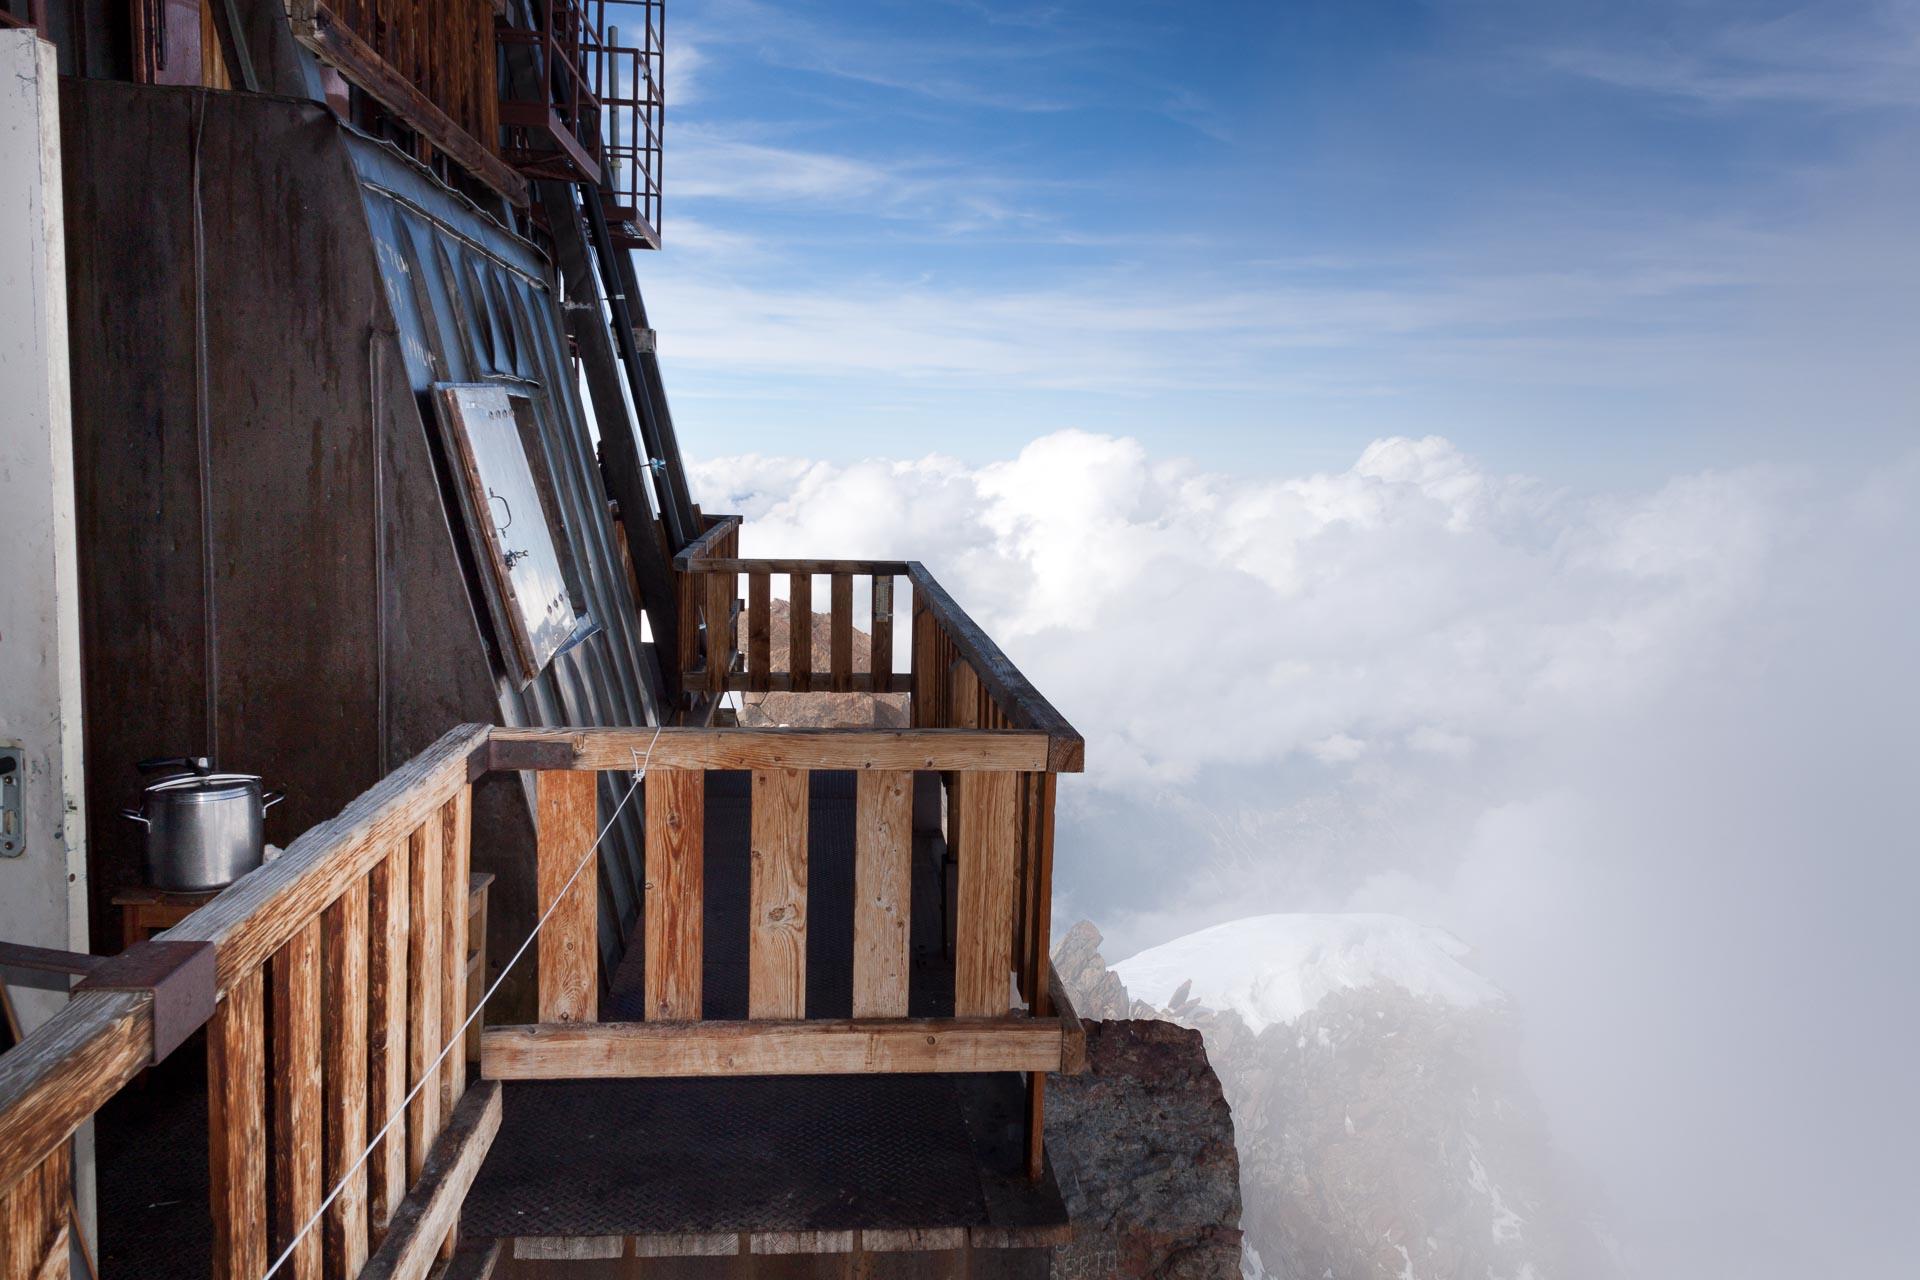 Balkon der Capanna Margherita mit viel Luft drunter. Der Holzbau ist mit einem Kupfermantel versehen. Dadurch wird die Hütte nach dem Prinzip des Faradayschen Käfigs gegen elektrische Felder, wie sie bei Blitzeinschlägen vorkommen, abgeschirmt.